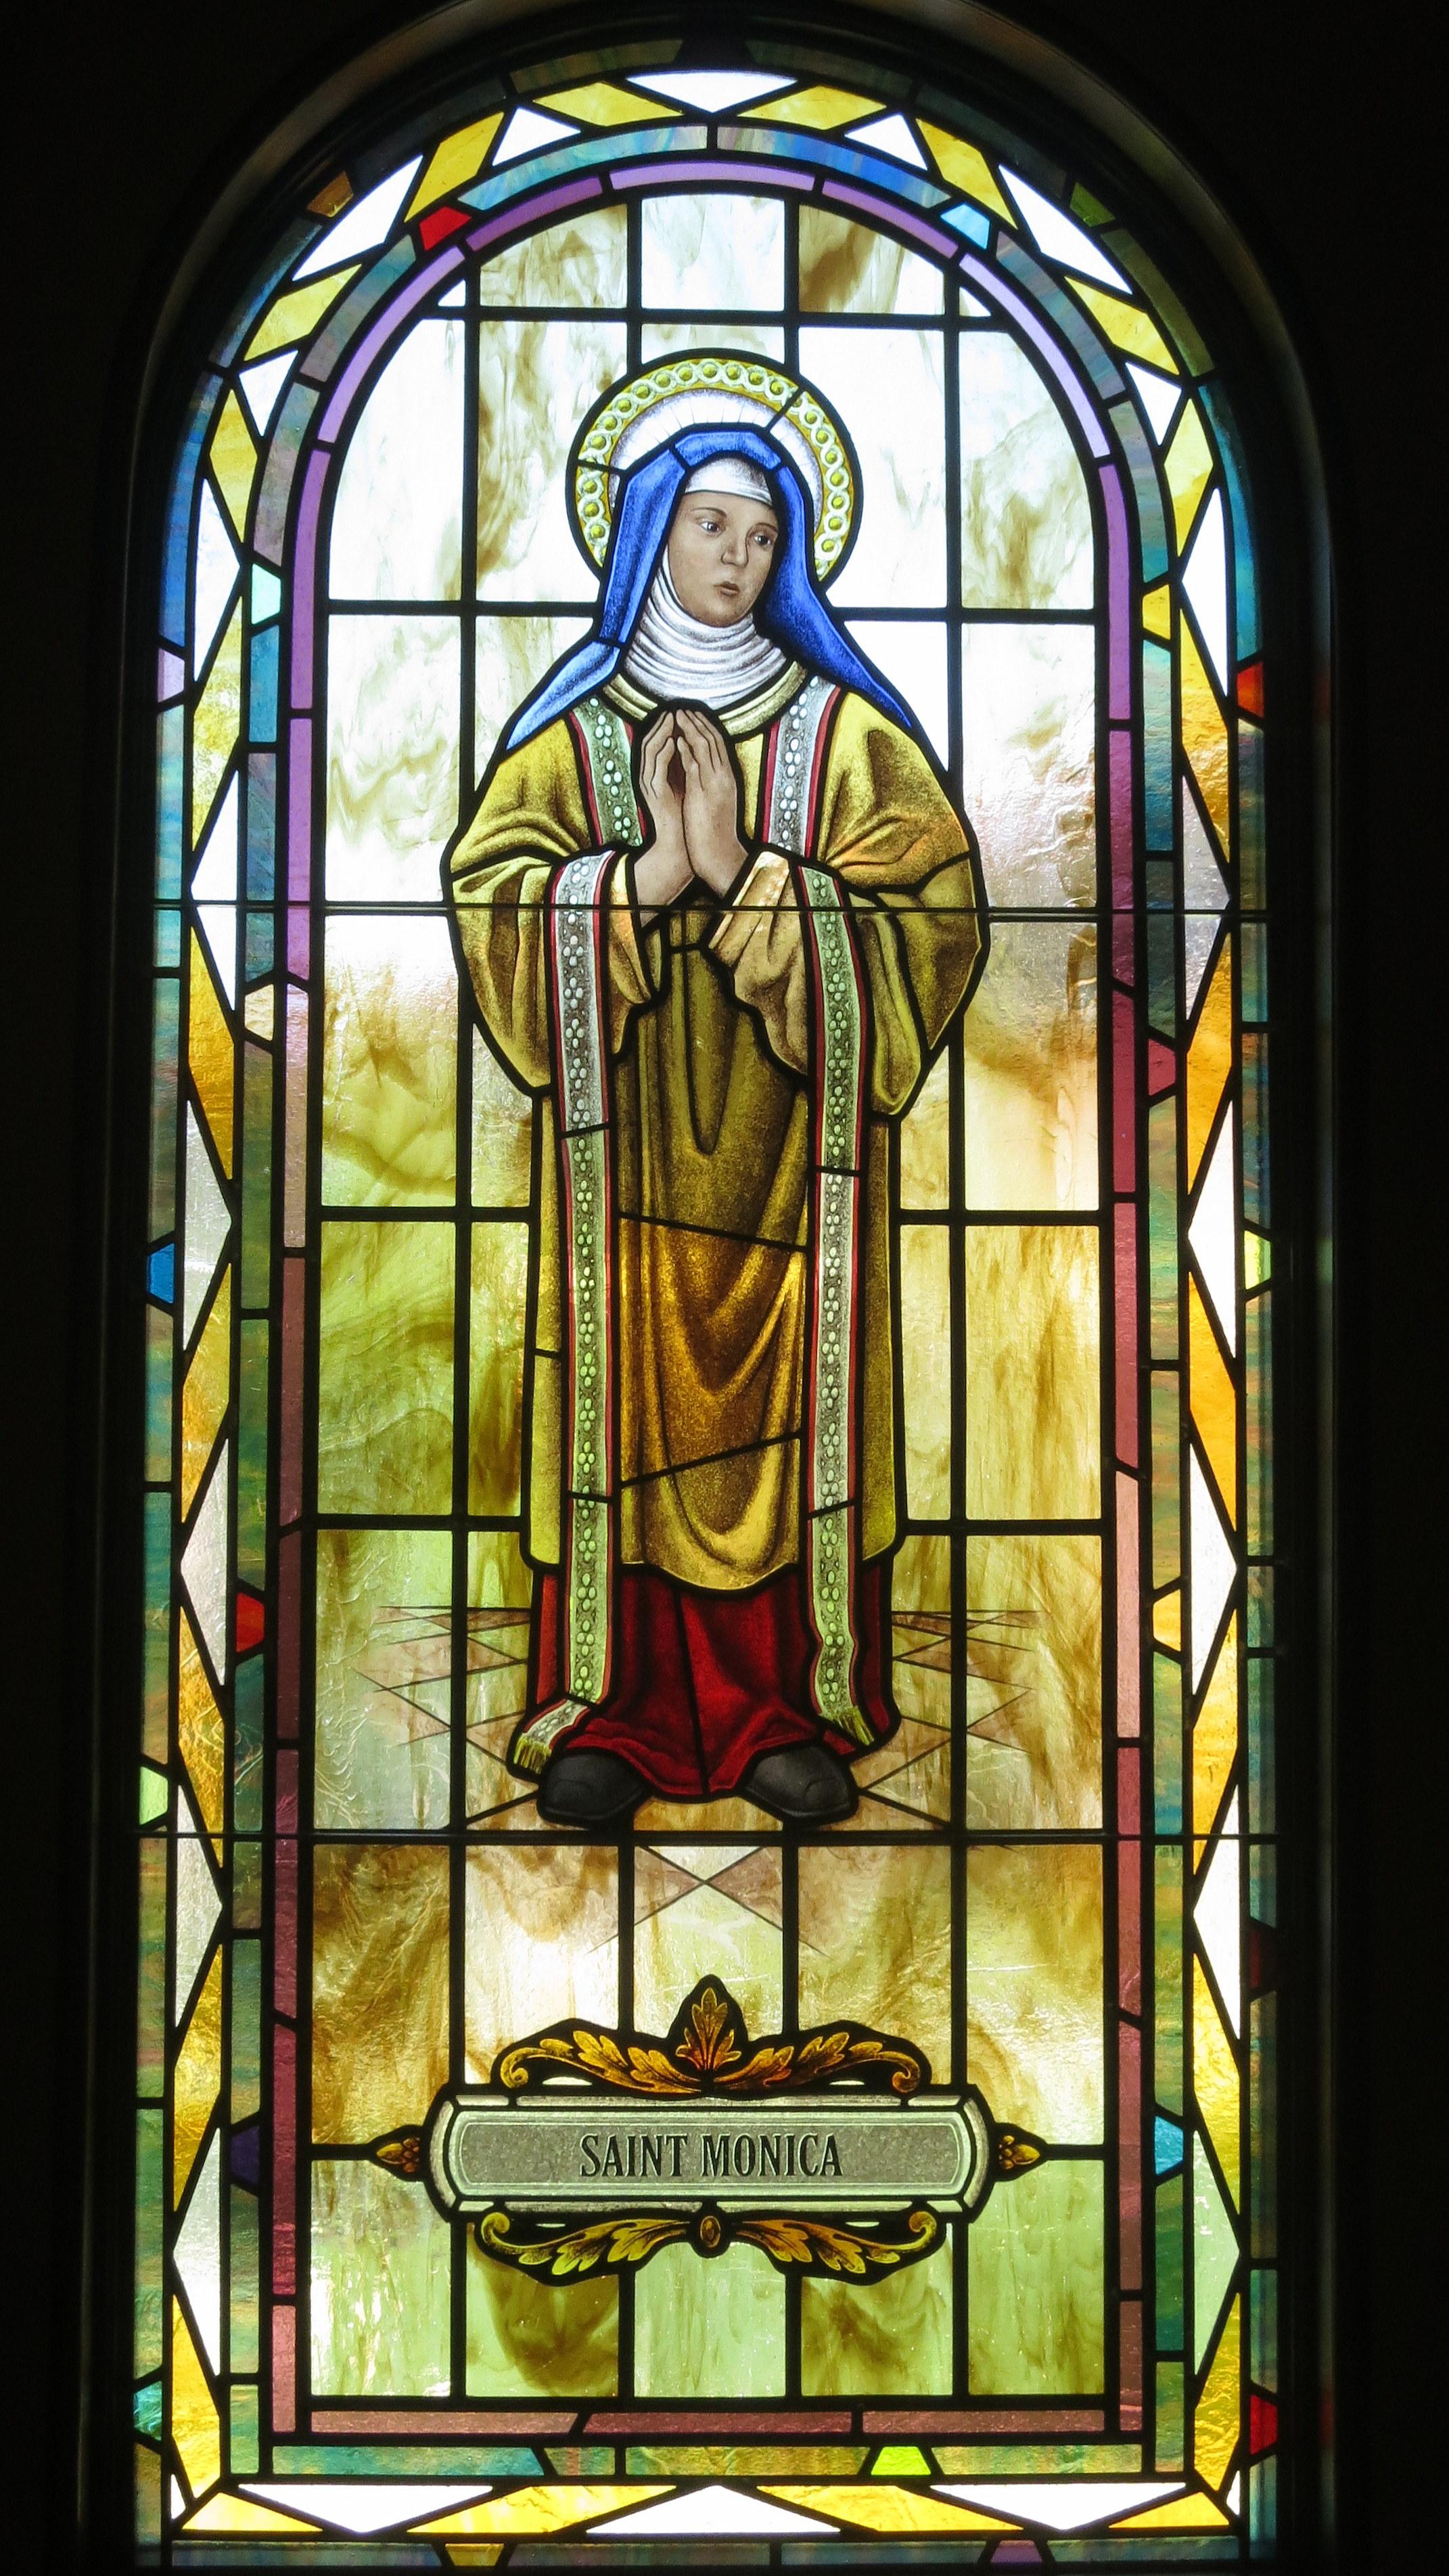 St monica patron saint of patience